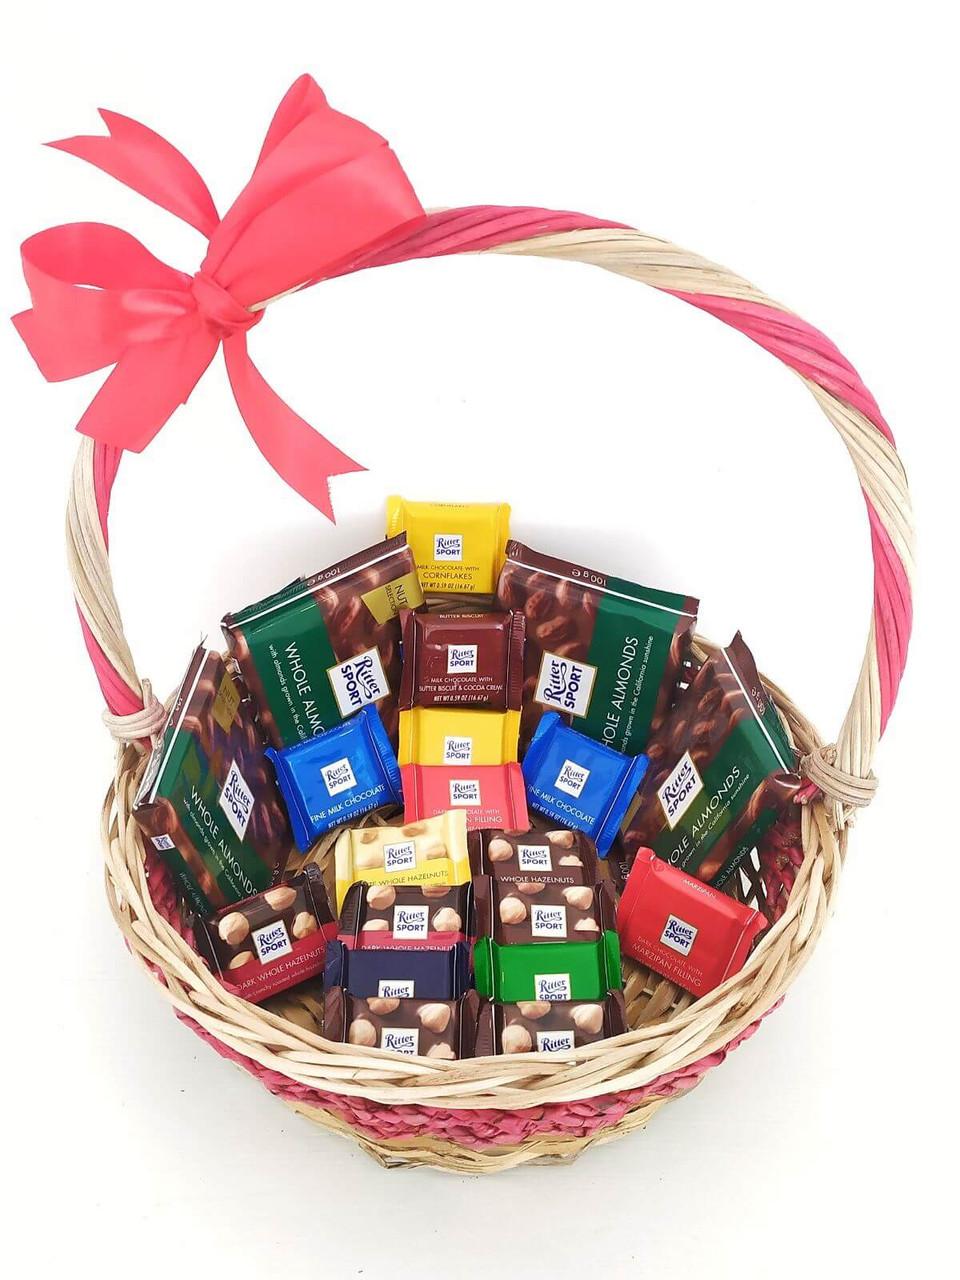 Ritter Sport Gift Basket